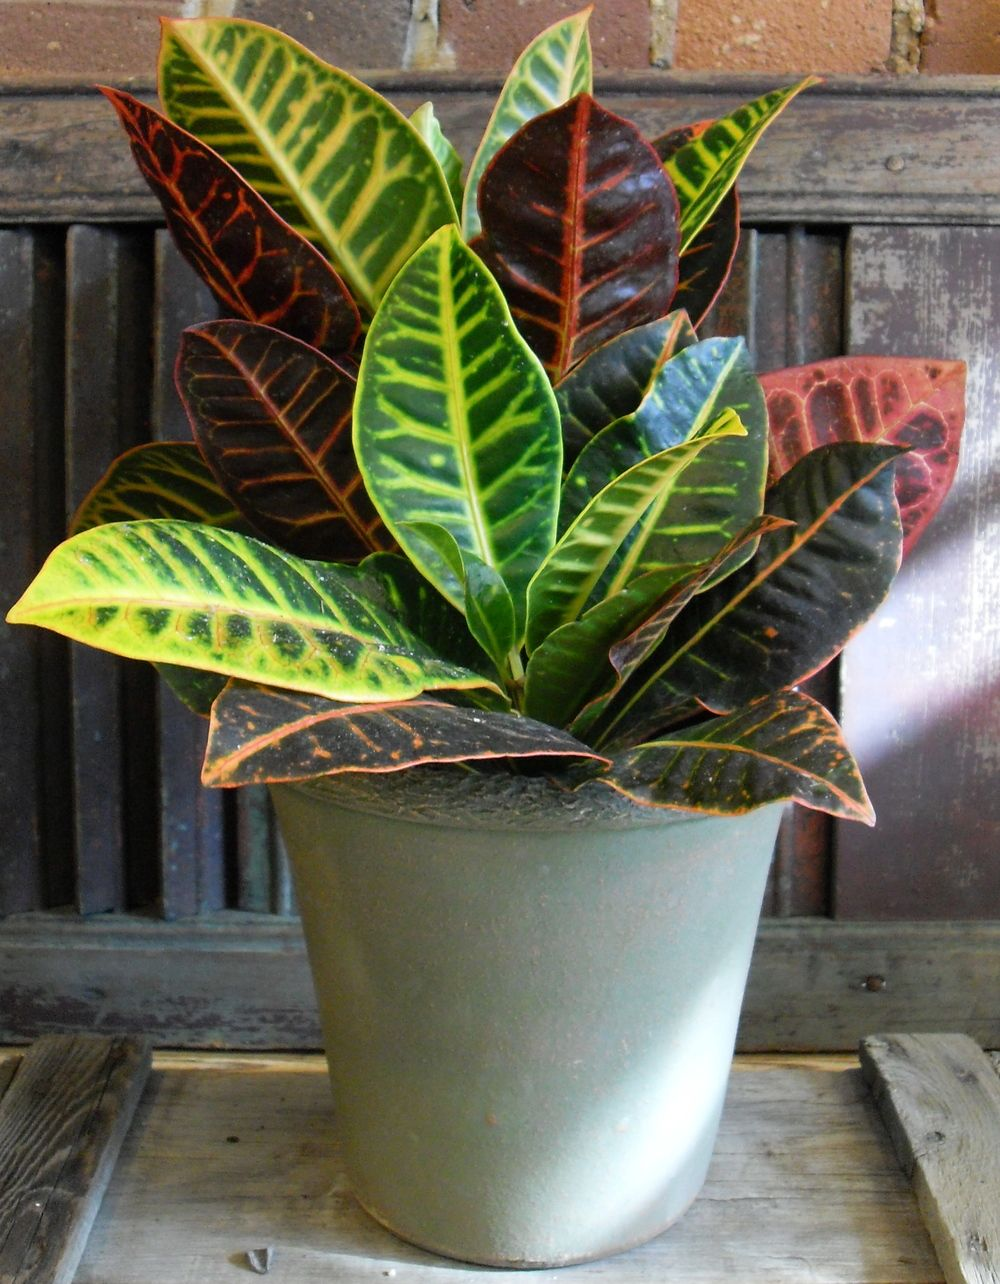 Best Kitchen Gallery: 7 самых солнечных растений для зимнего интерьера Plants Indoor of Indoor Tropical House Plants  on rachelxblog.com